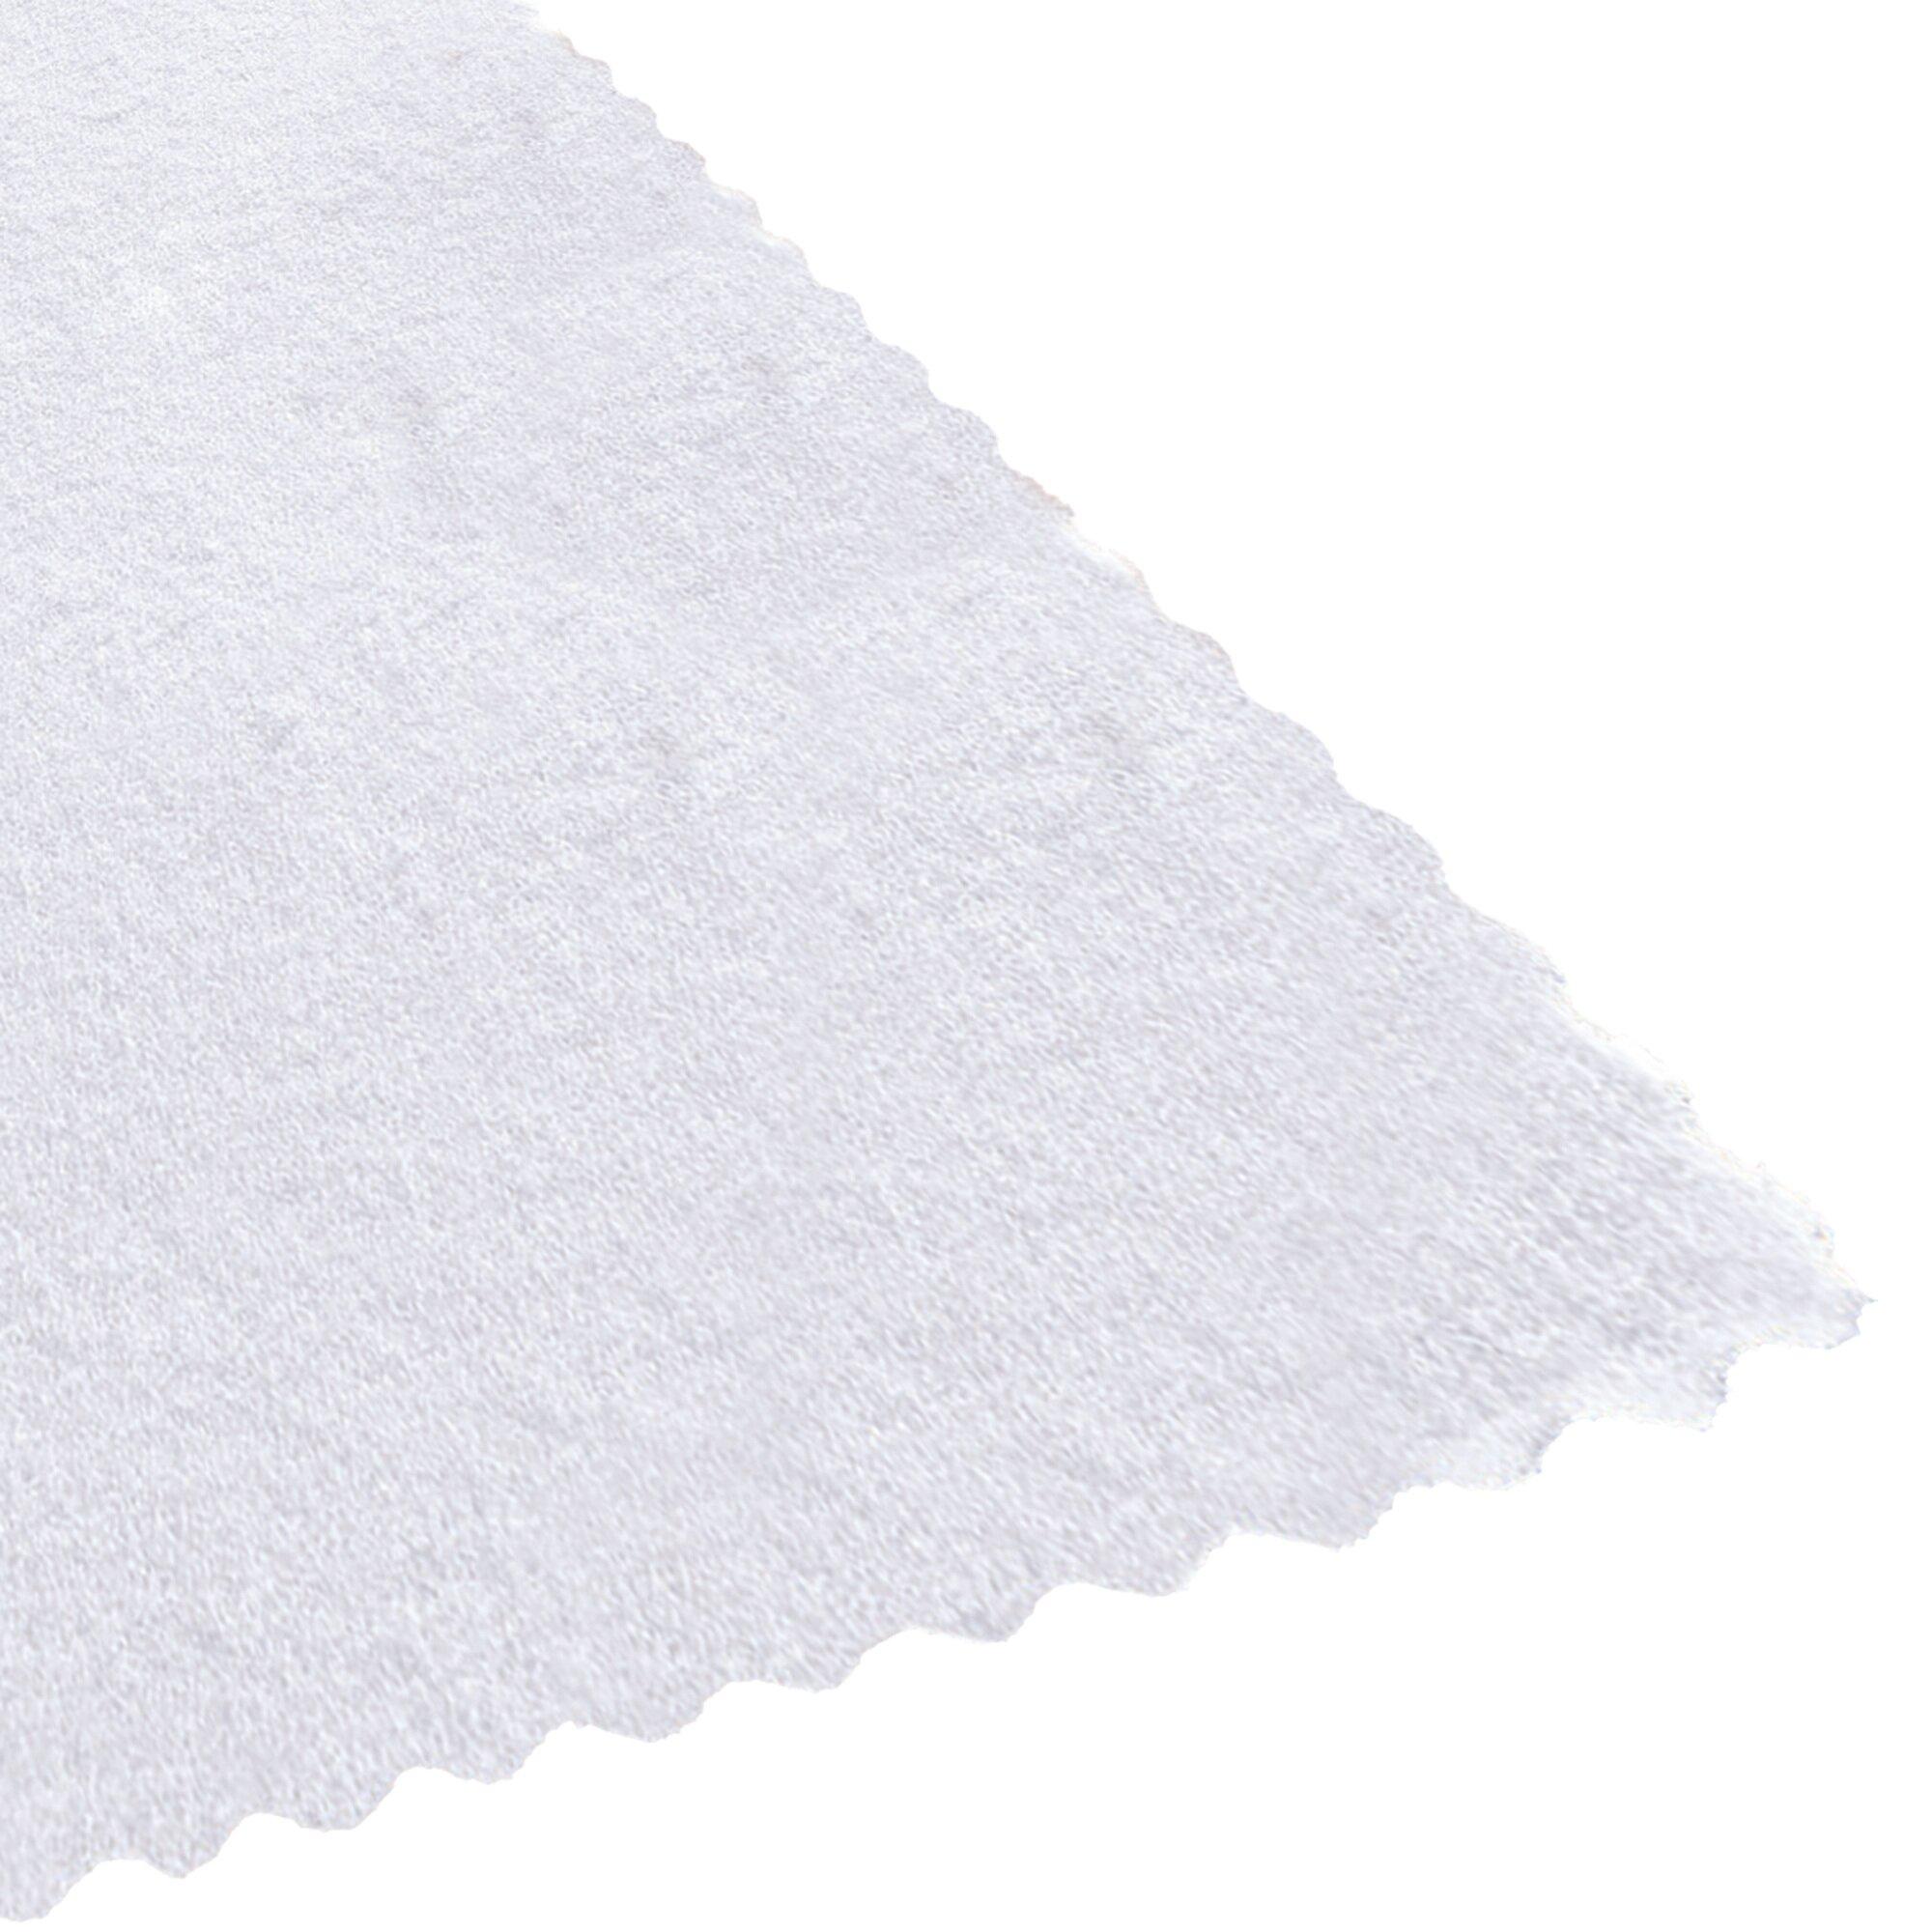 setex-flanell-matratzenauflage-wasserdicht-weiss